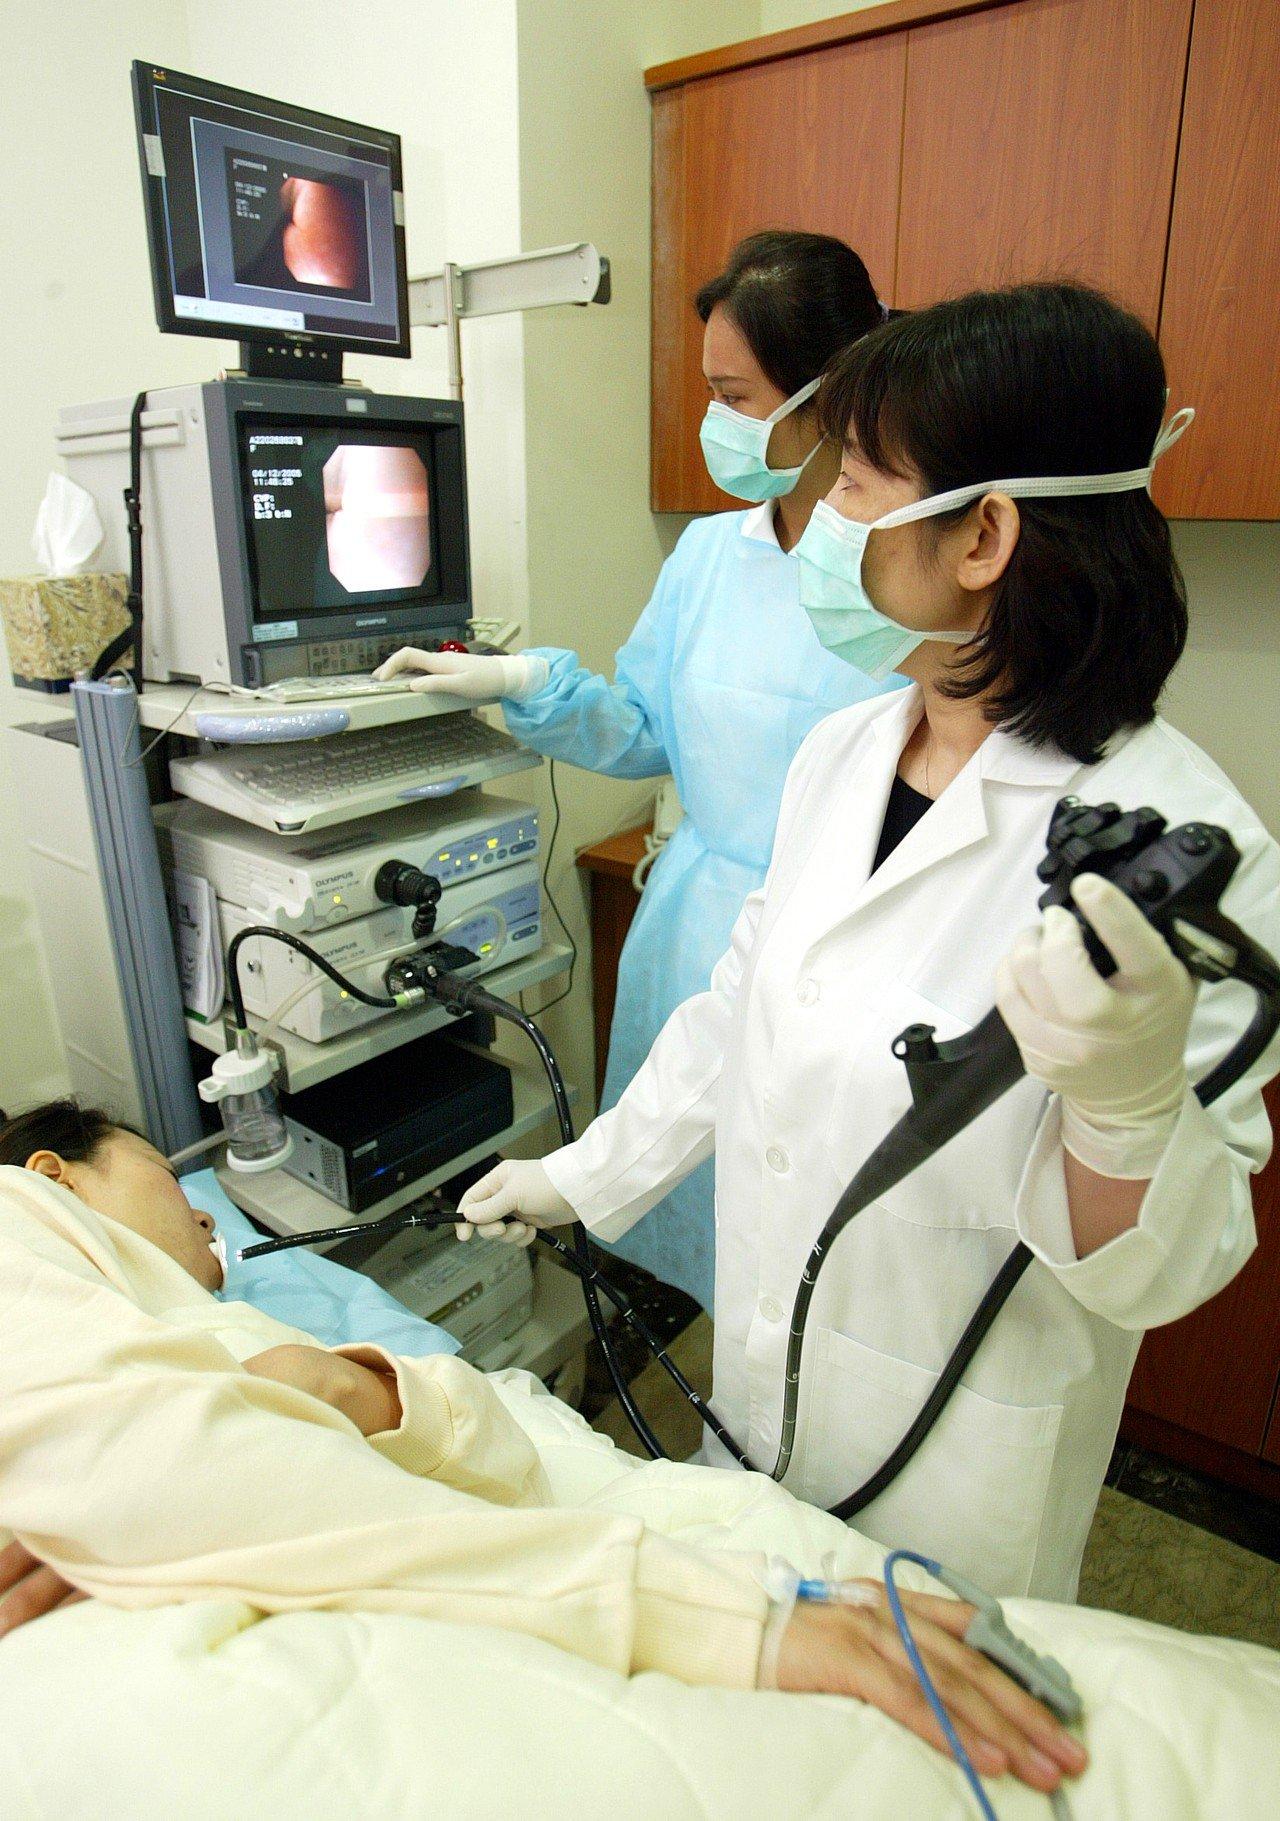 許多人接受胃鏡檢查時也全身麻醉,醫師建議要注意麻醉風險。圖/本報資料照片